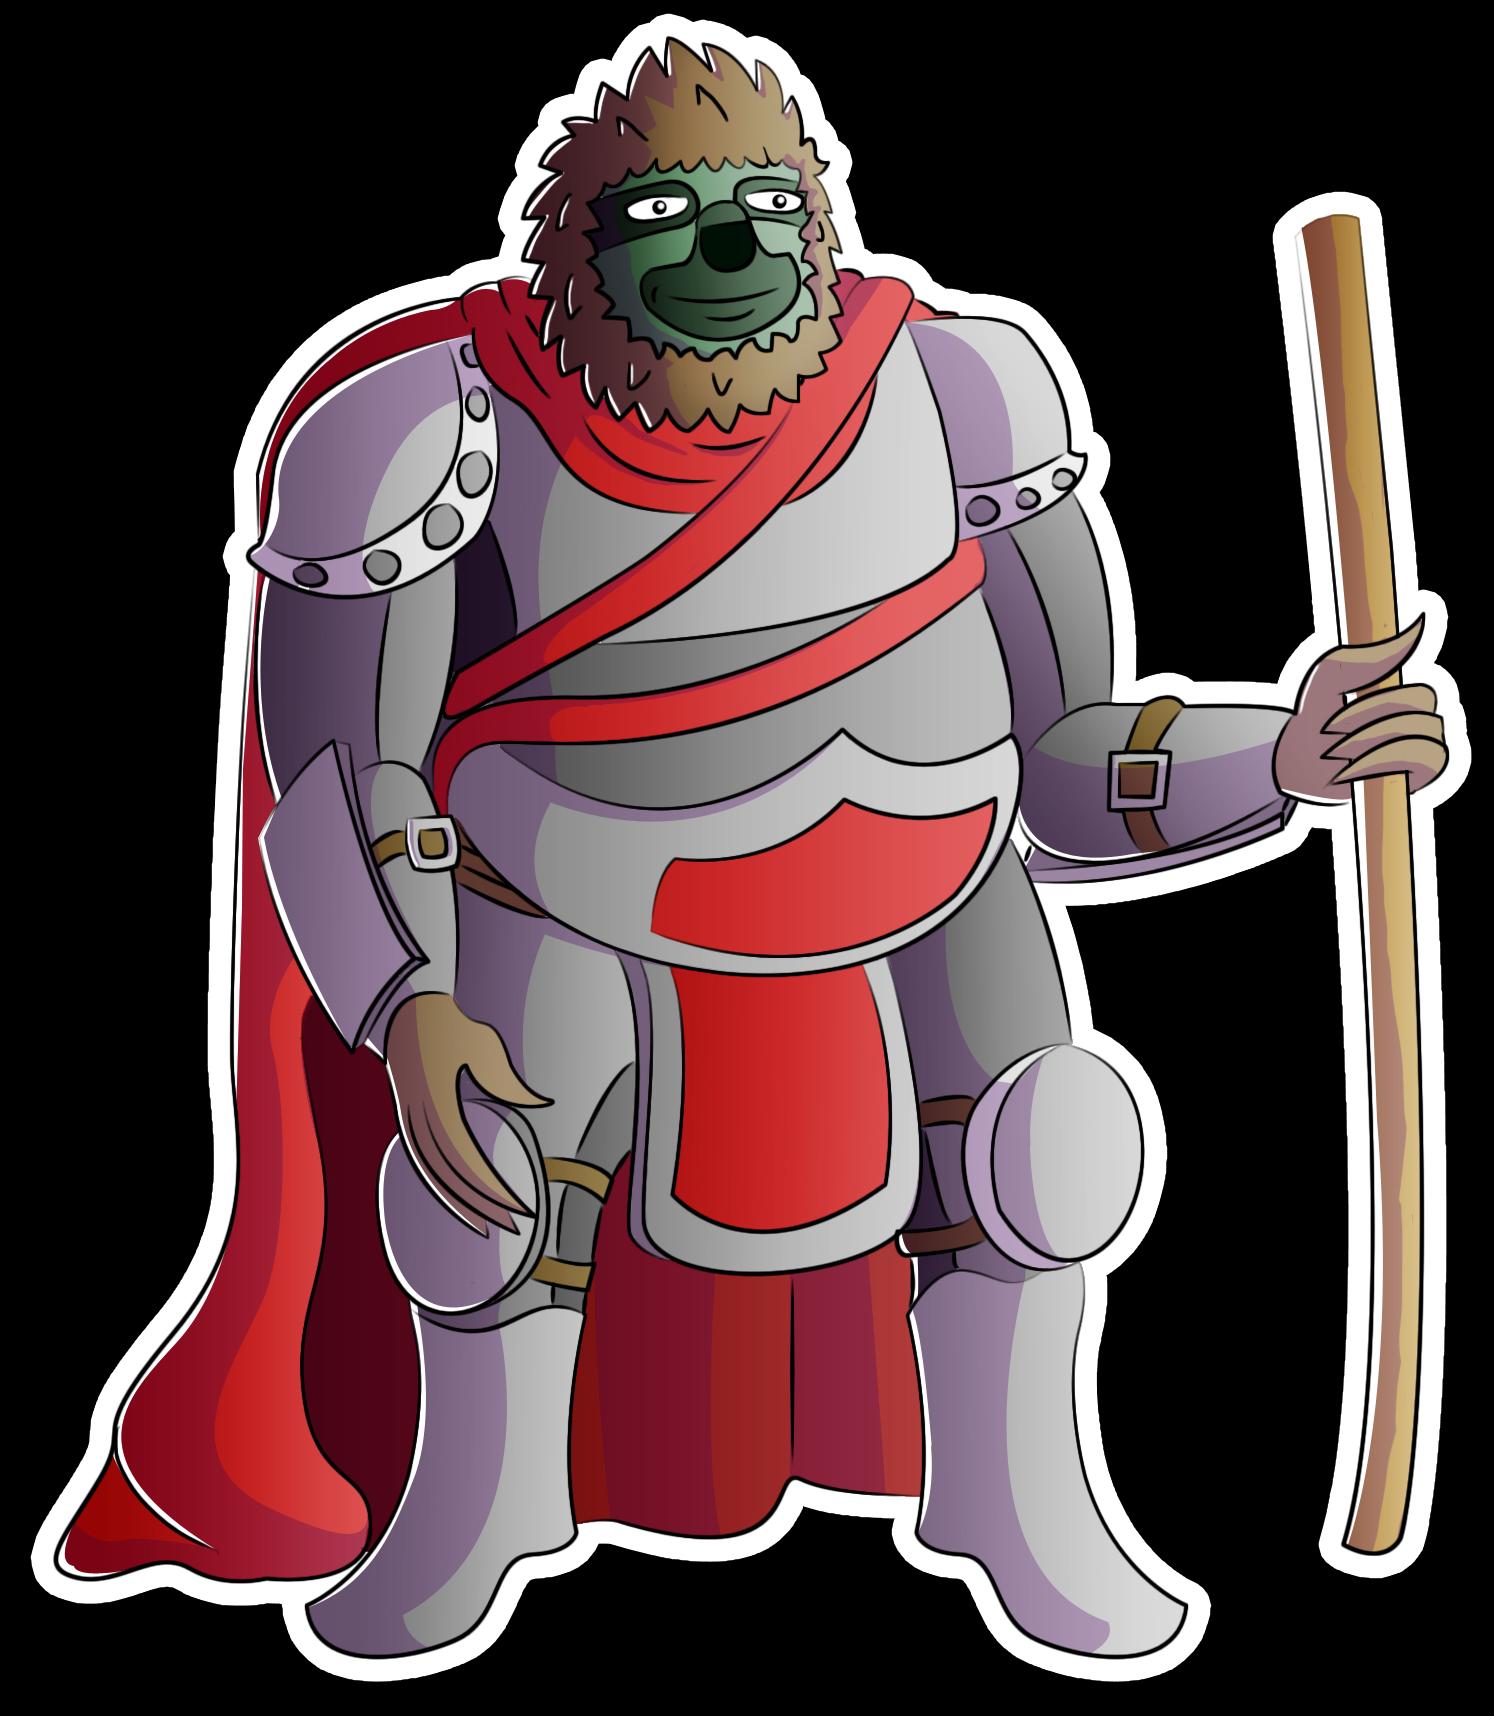 Sloth Knight